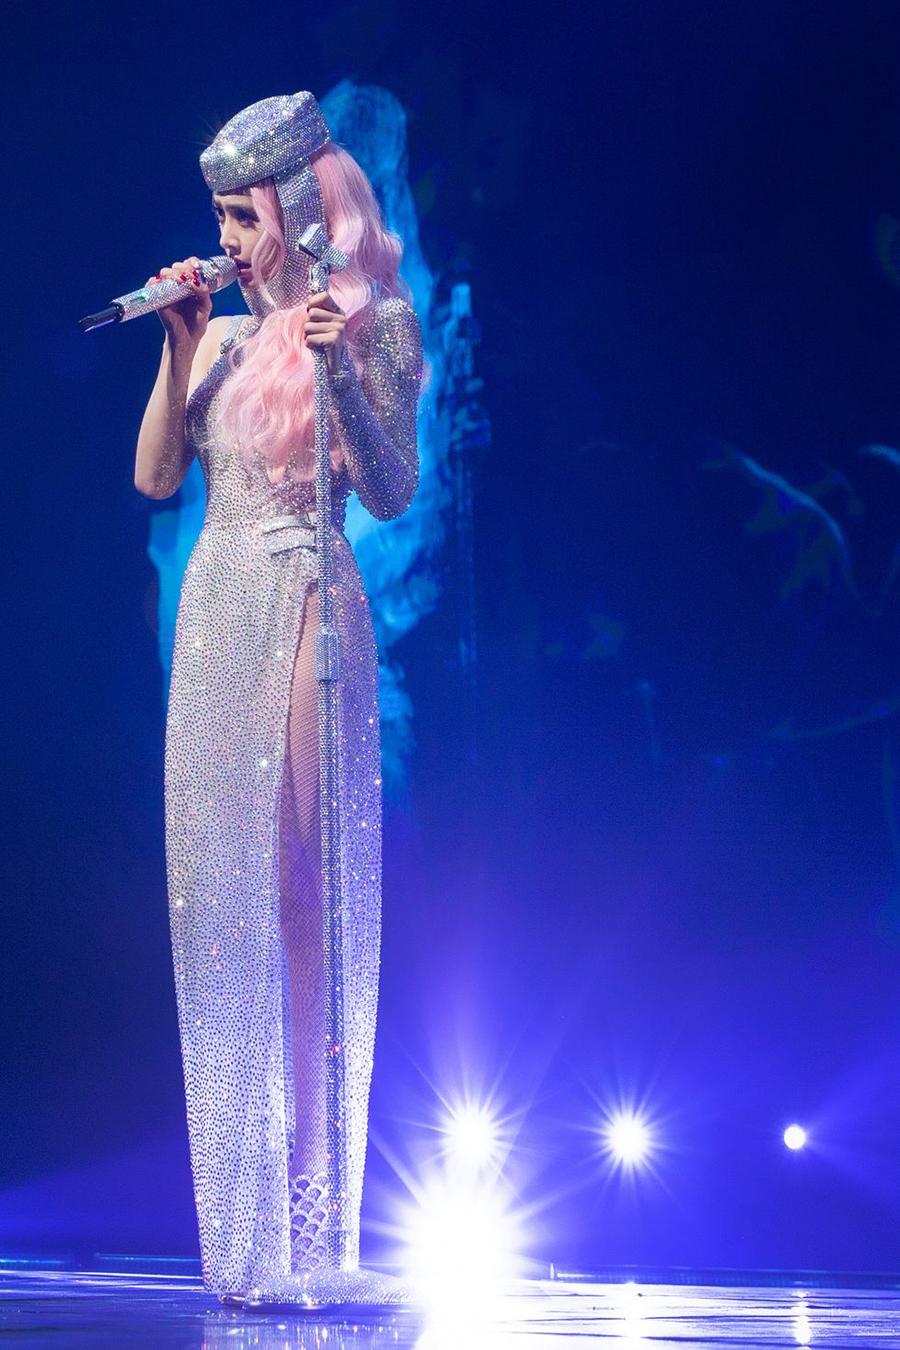 Thái Y Lâm trong concert Ugly Beauty 2019-2020 ở Đài Bắc hôm 30/12/2019. Do dịch, ca sĩ hủy nhiều liveshow trong khuôn khổ tour diễn vòng quanh thế giới.